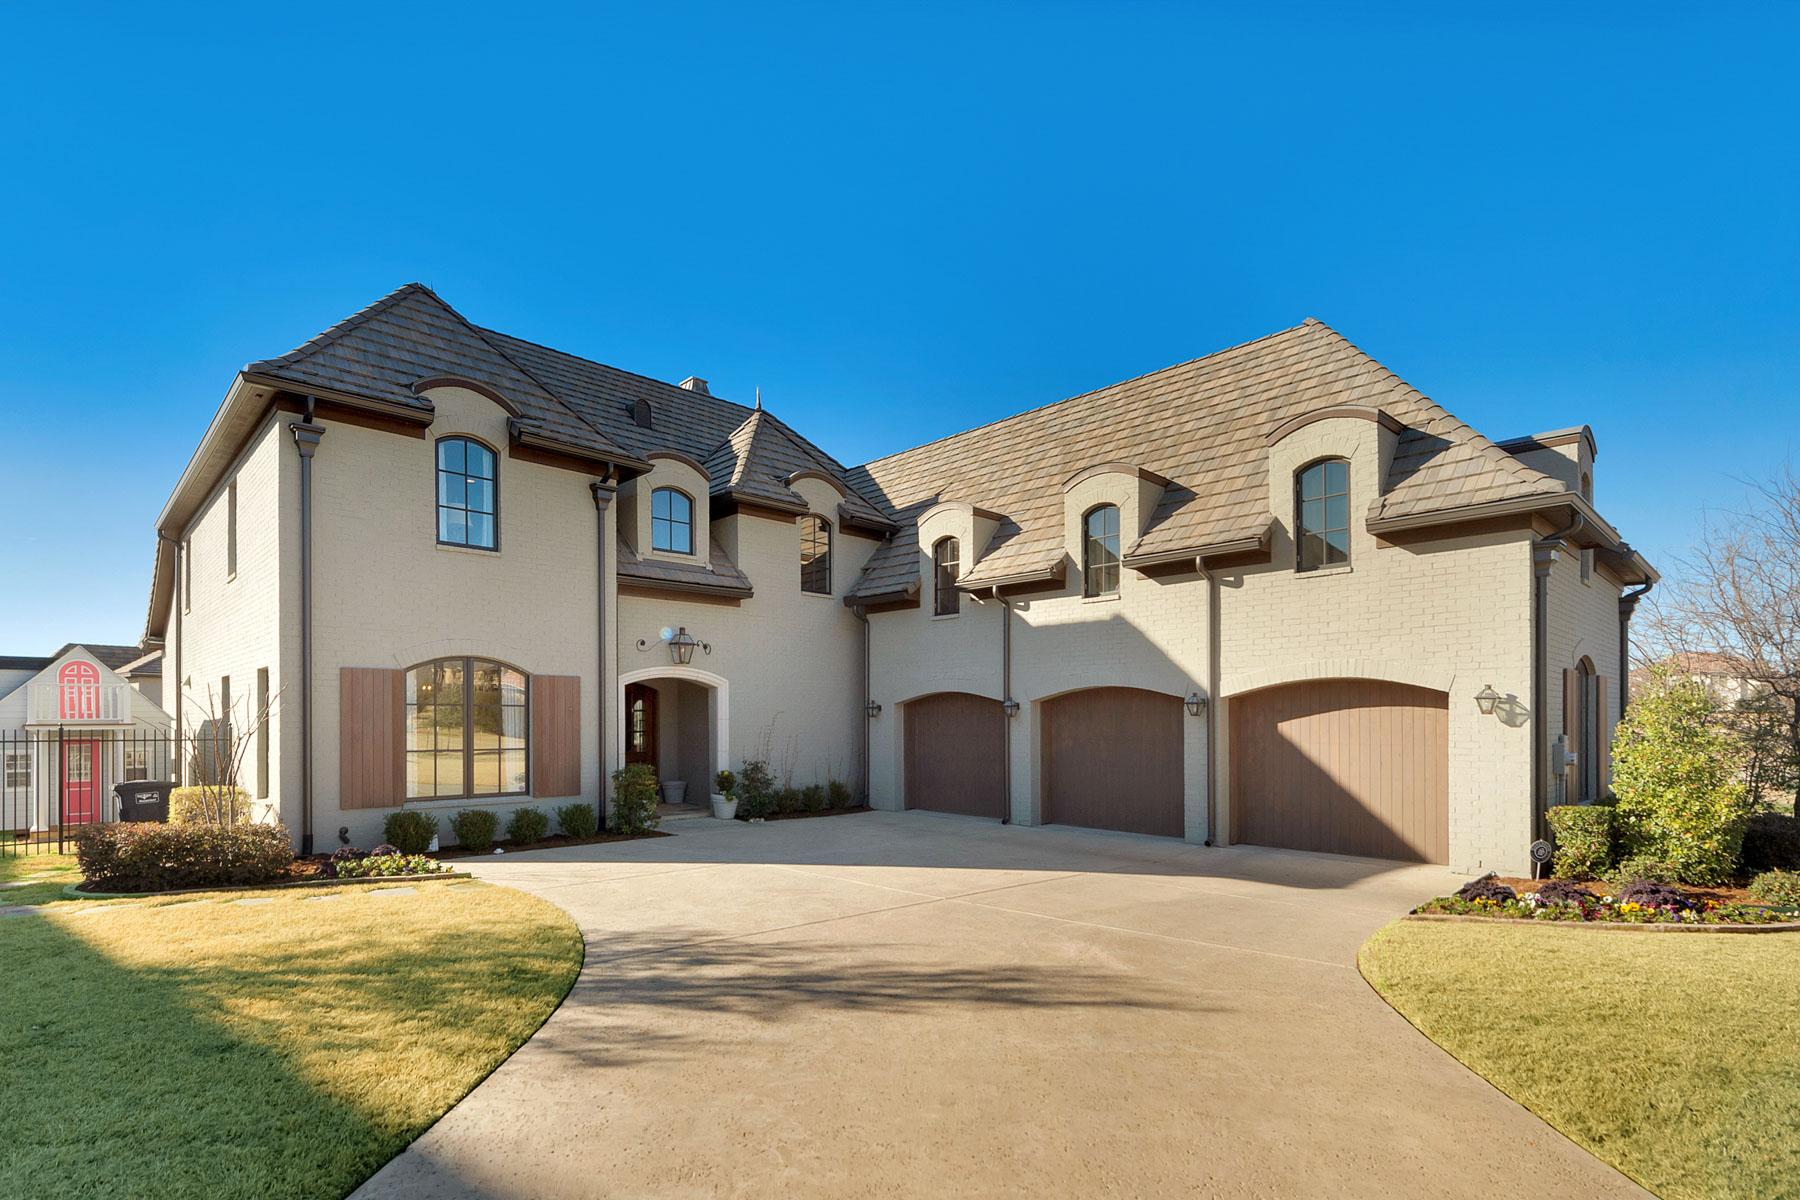 一戸建て のために 売買 アット 4630 Sidonia Court, Fort Worth 4630 Sidonia Ct Fort Worth, テキサス, 76126 アメリカ合衆国